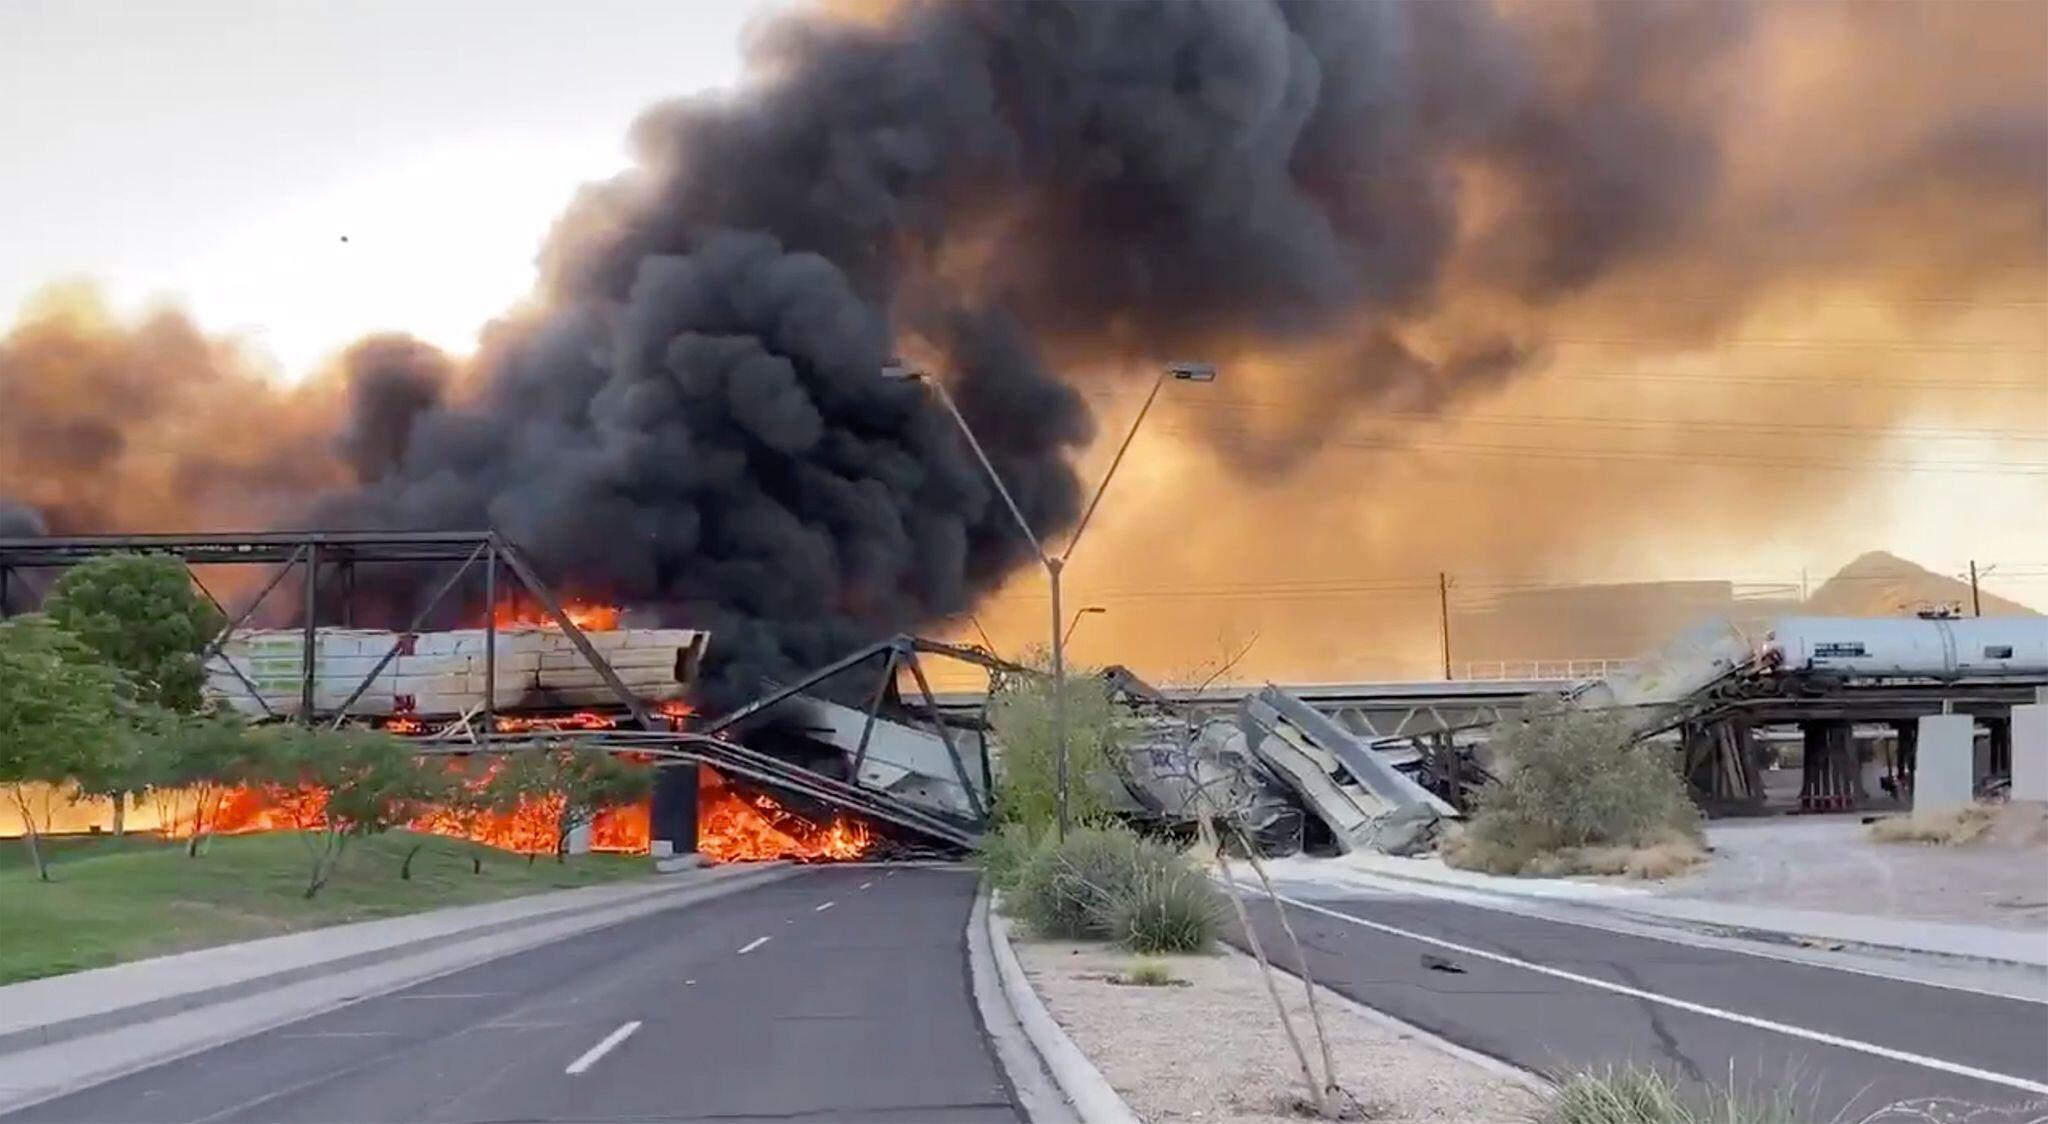 USA: Güterzug entgleist und brennt - Fotos zeigen Feuerinferno